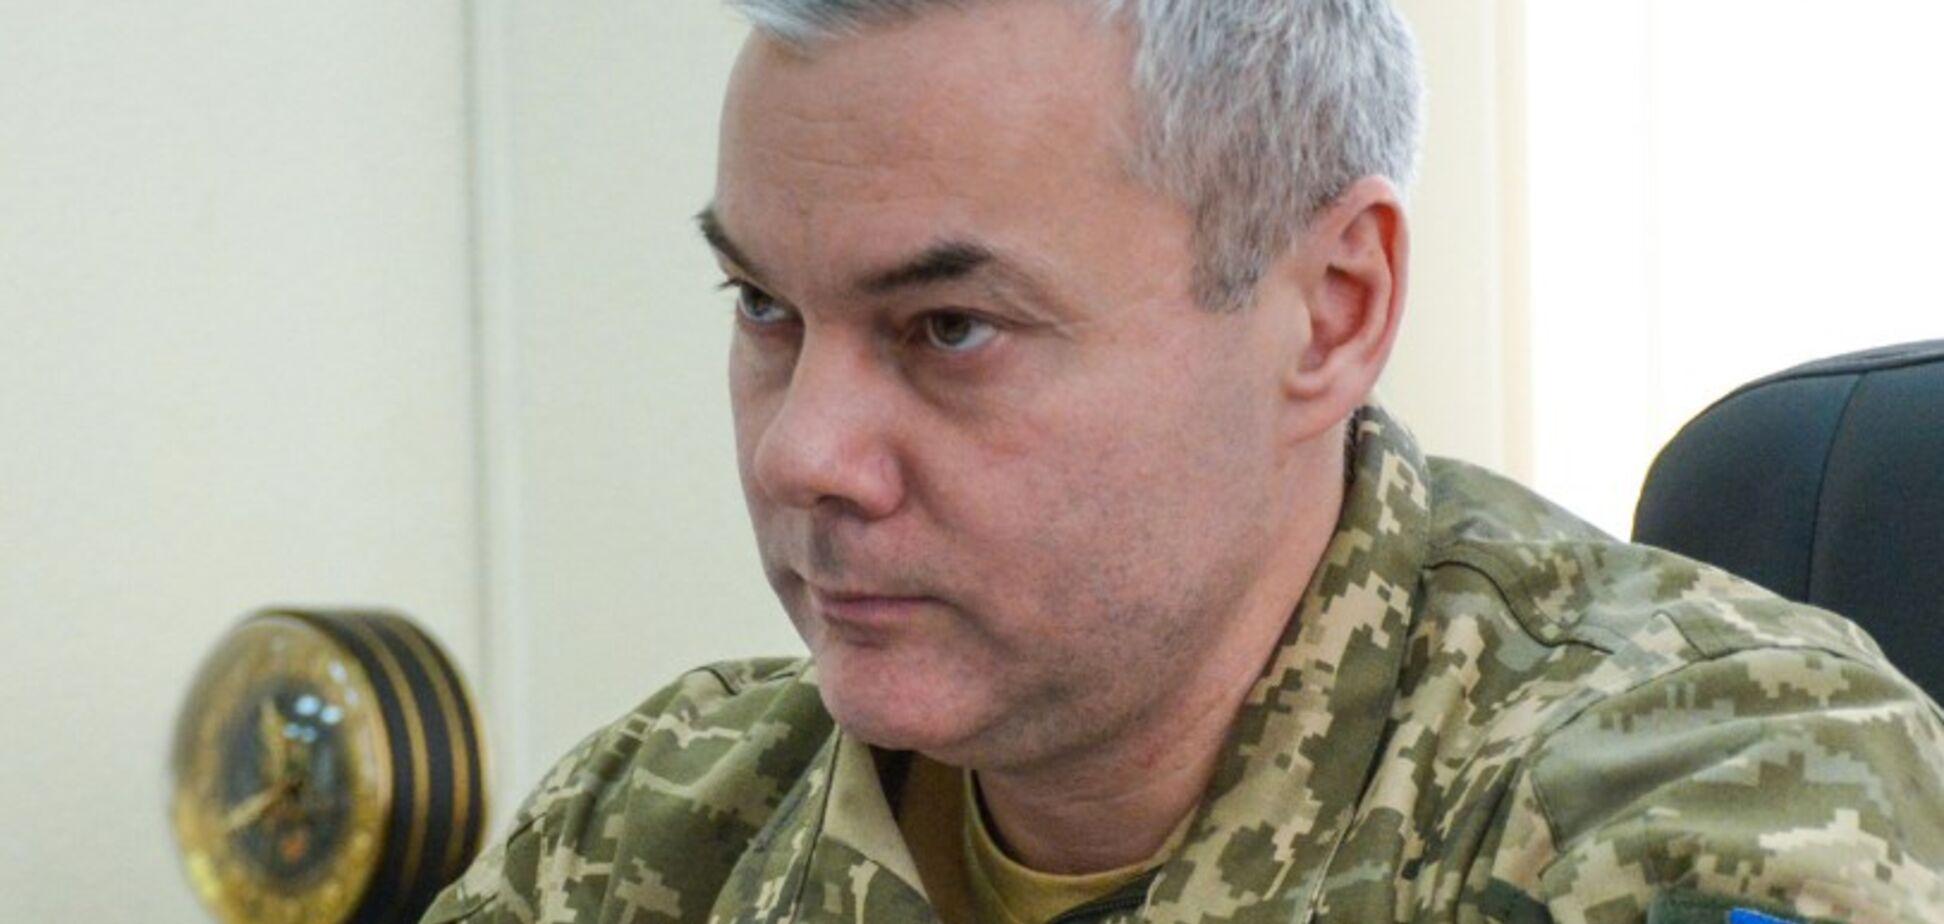 Операція на Донбасі: Наєв пообіцяв розмовляти з 'Л/ДНР' 'мовою сили'